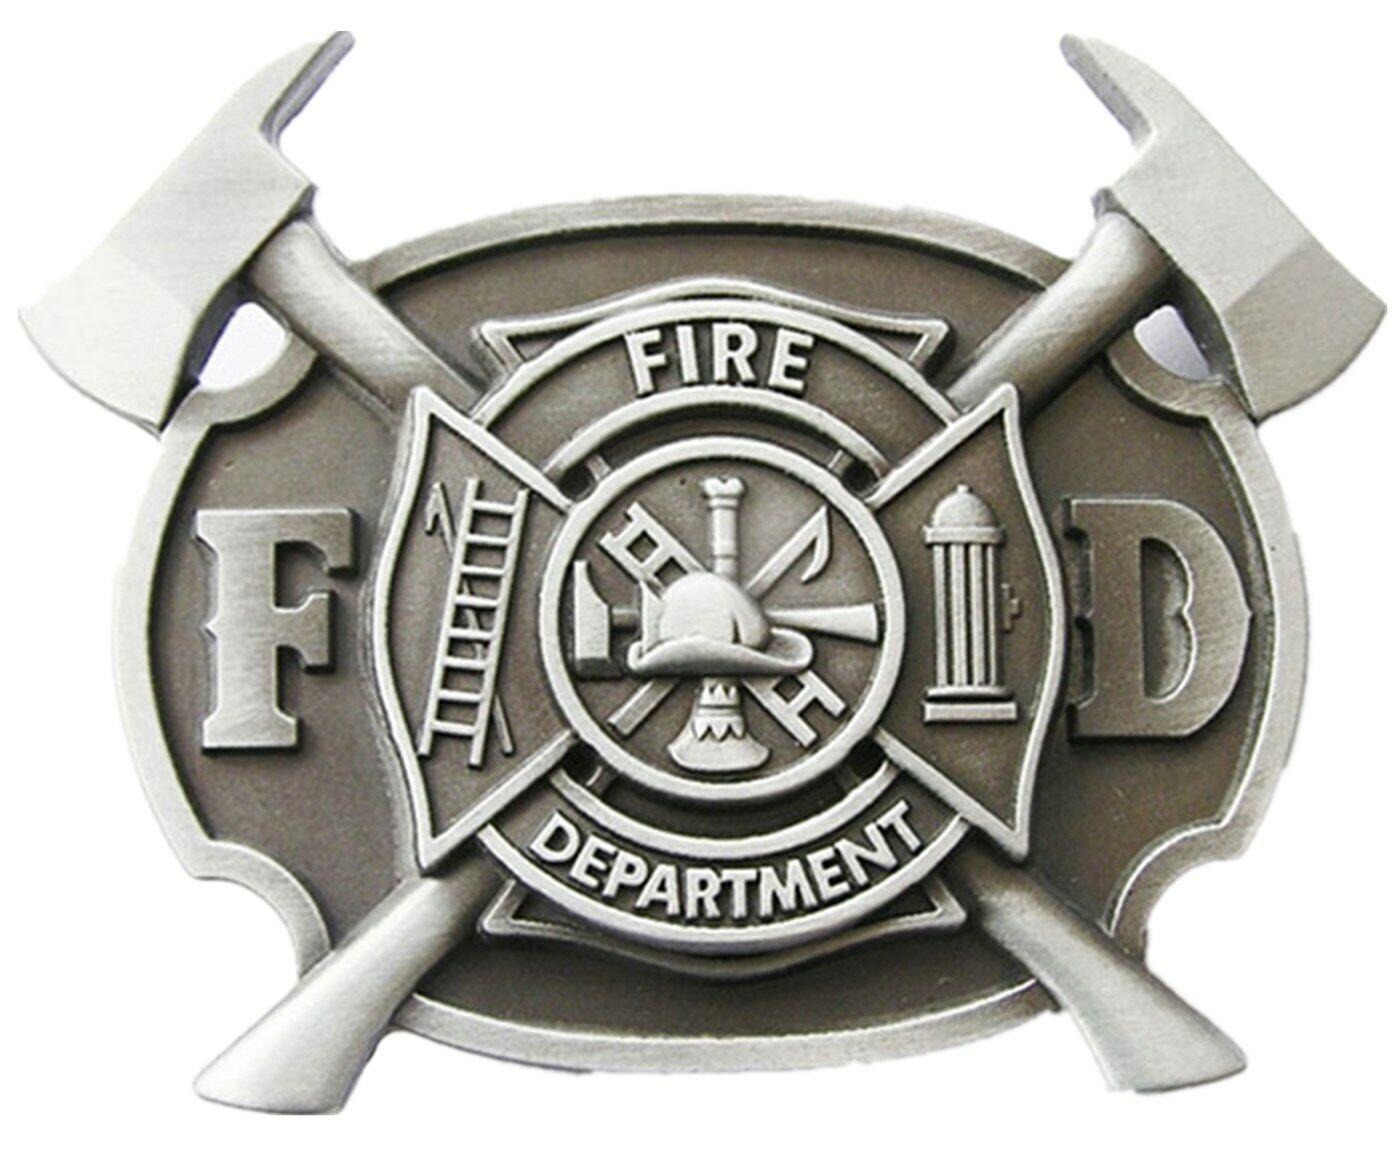 Fire Department V Gürtelschnalle Feuerwehr Feuerwehrmann Feuerwehrhaus Brigade